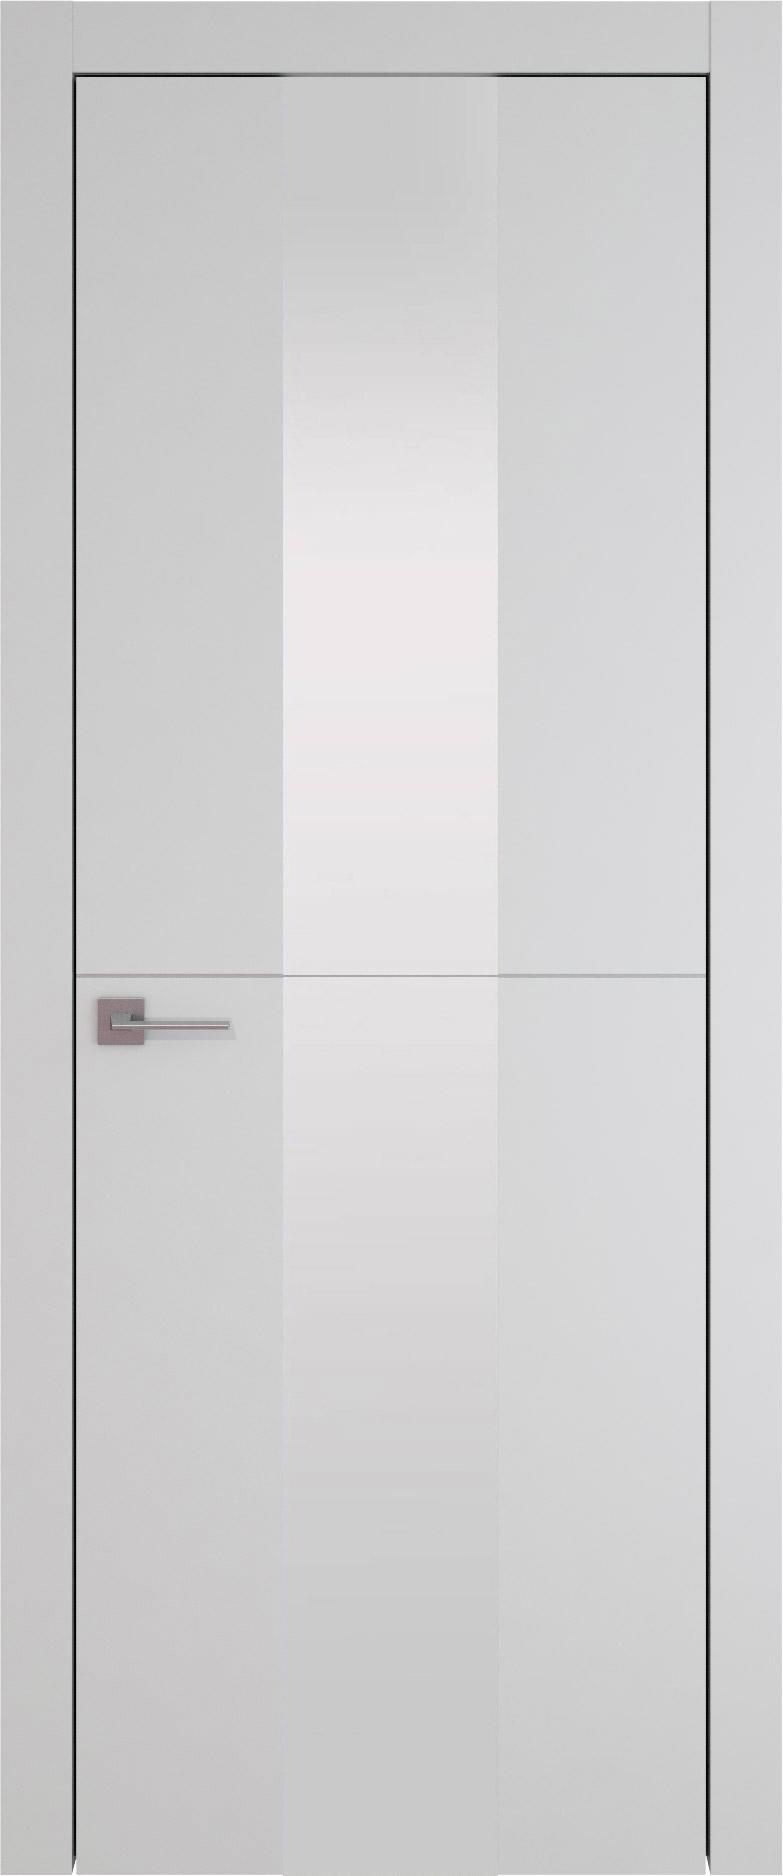 Tivoli Ж-3 цвет - Серая эмаль (RAL 7047) Со стеклом (ДО)